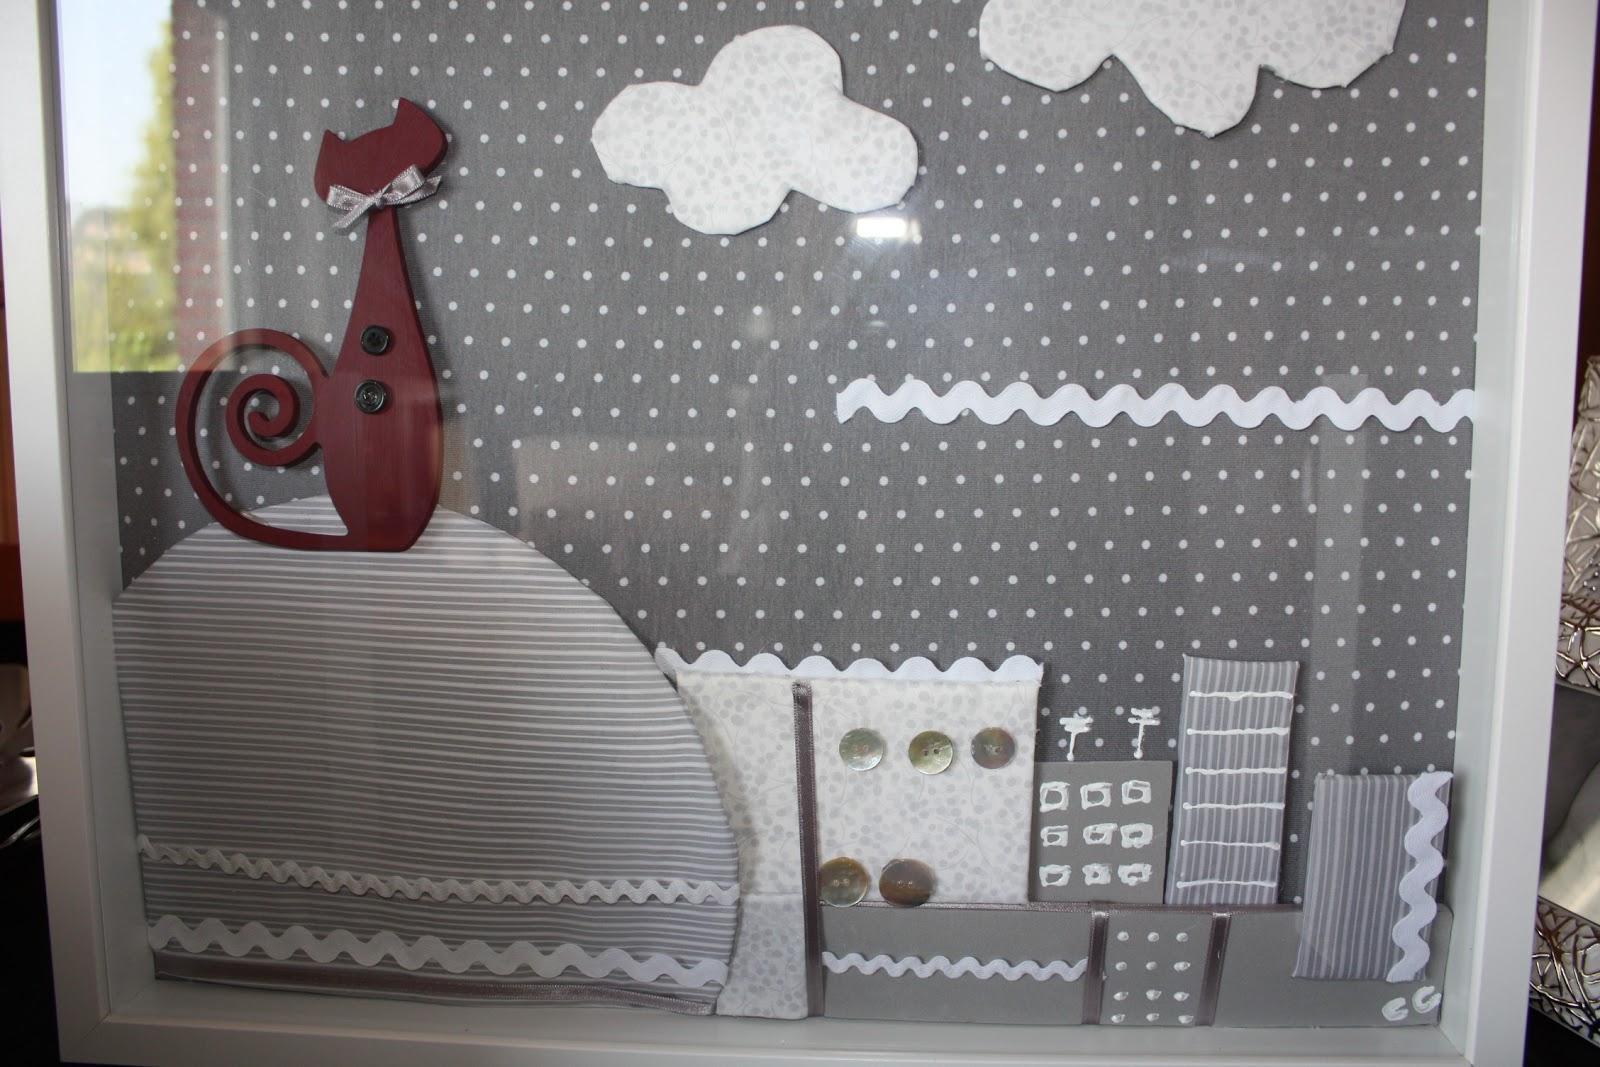 y a la vez practico unos cuadros para habitaciones infantiles realizados con telas que pueden ser igual que las telas que combinan en la habitacin